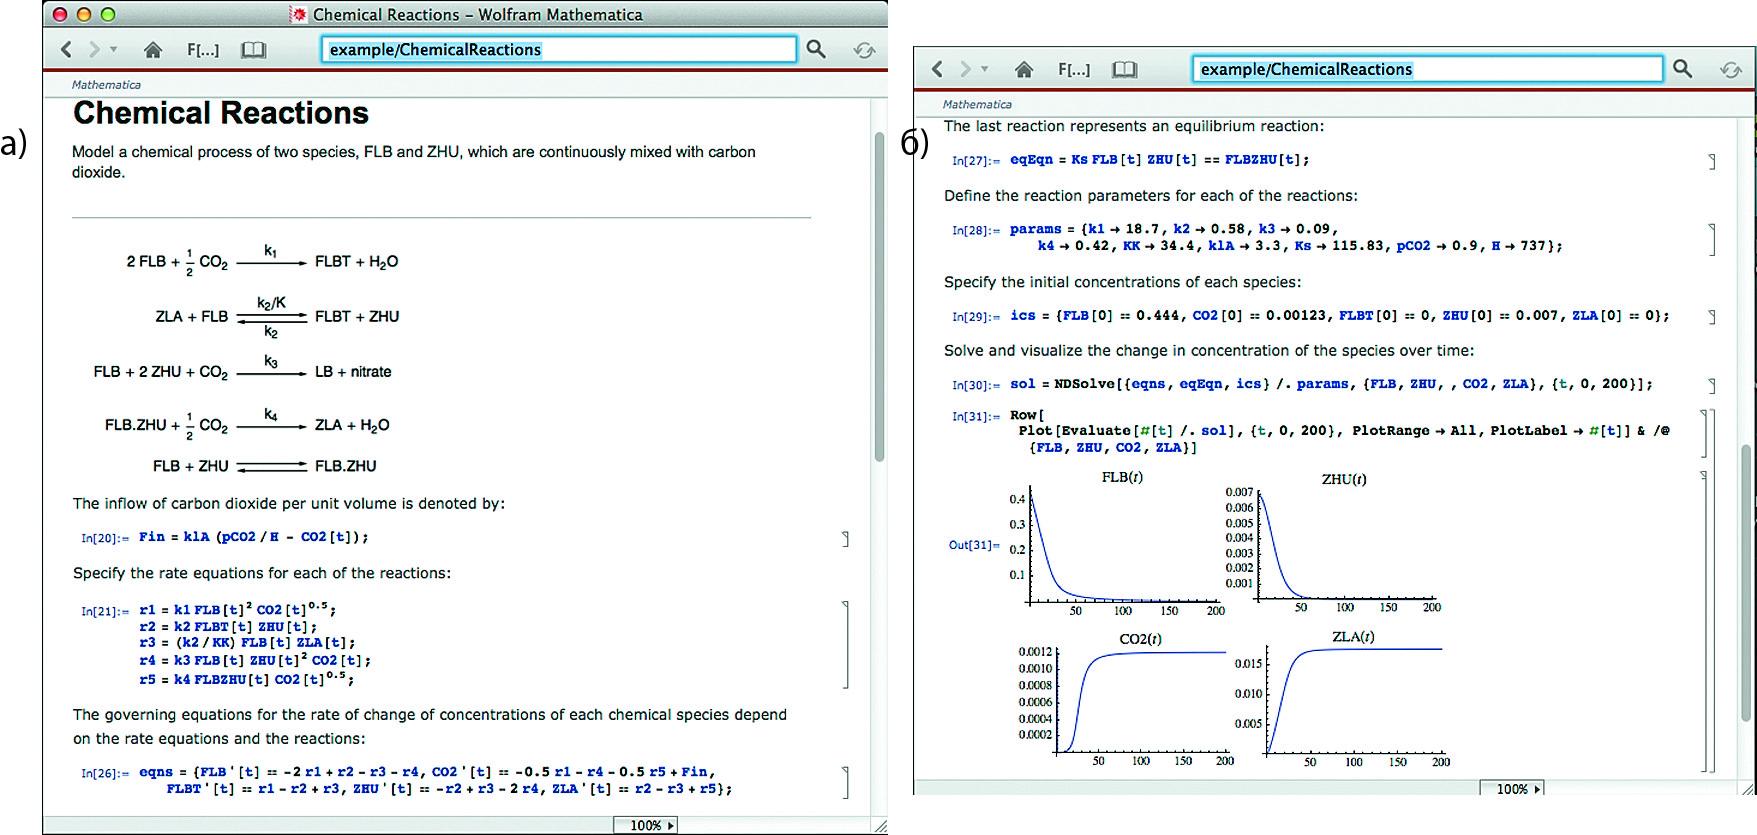 Система дифференциальных уравнений химического реактора